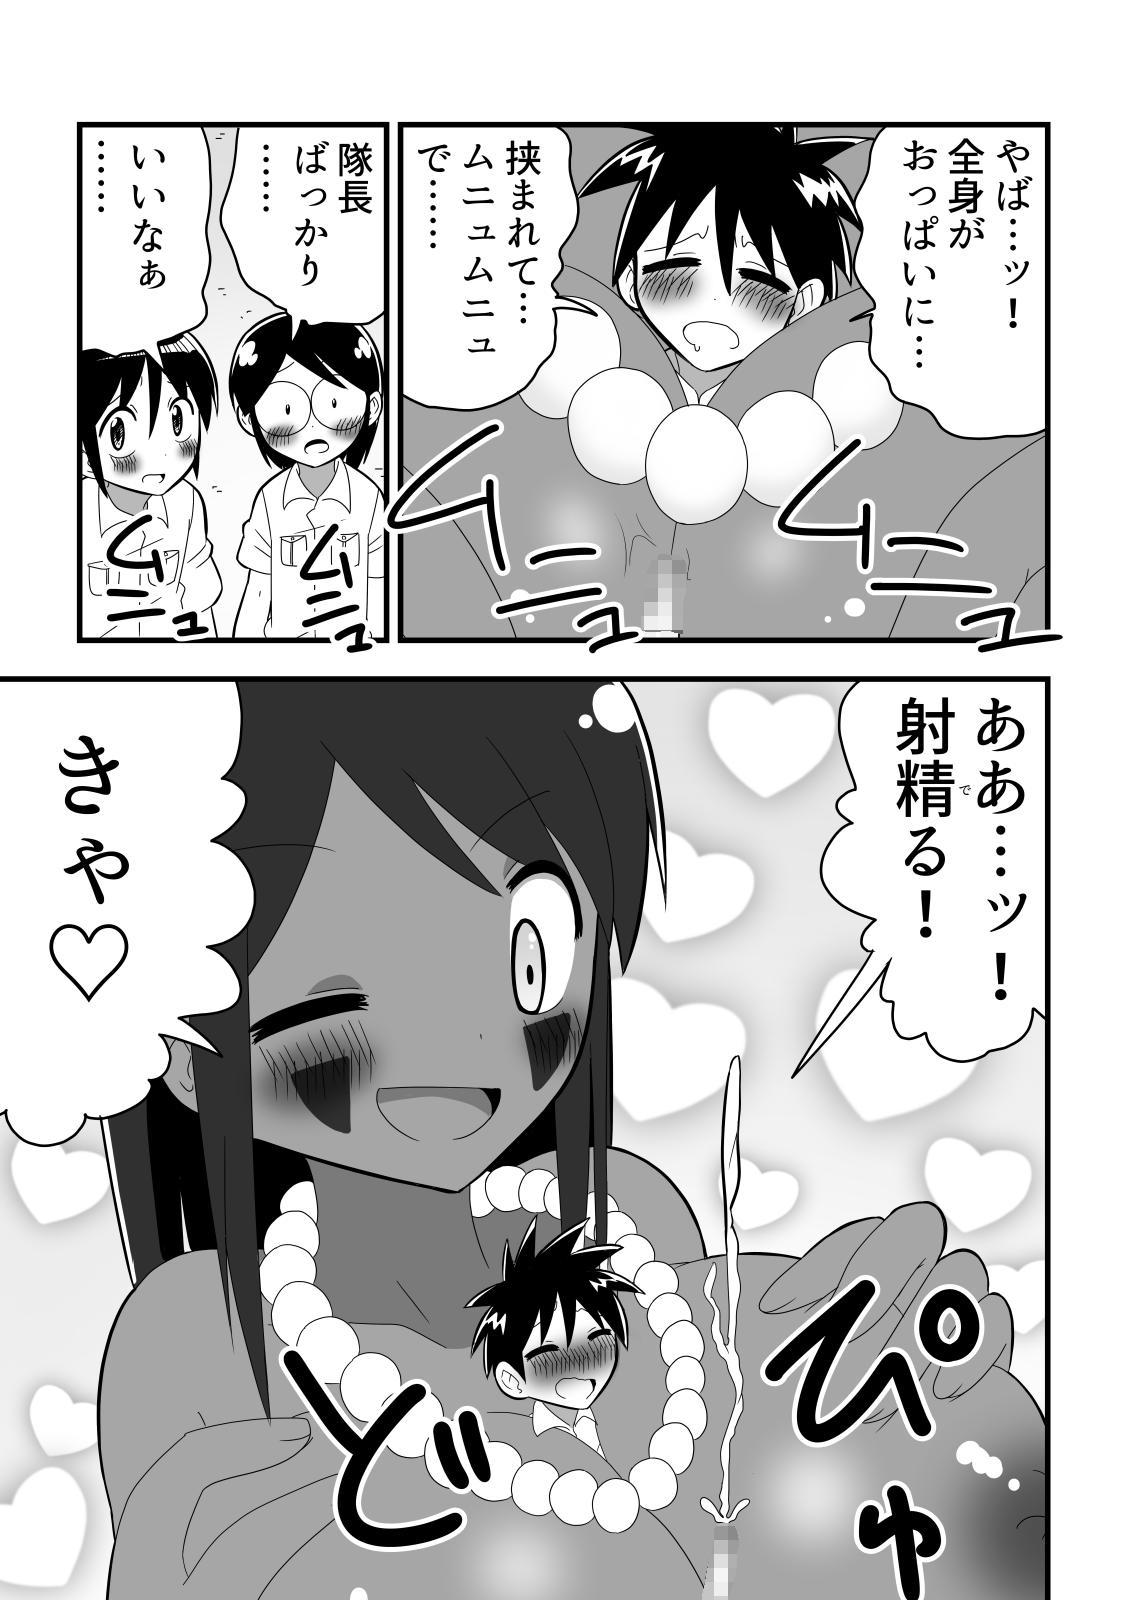 Shota Tankentai ga Hikyou de Kyojinzoku no Onee-san to Deatta Hanashi 8